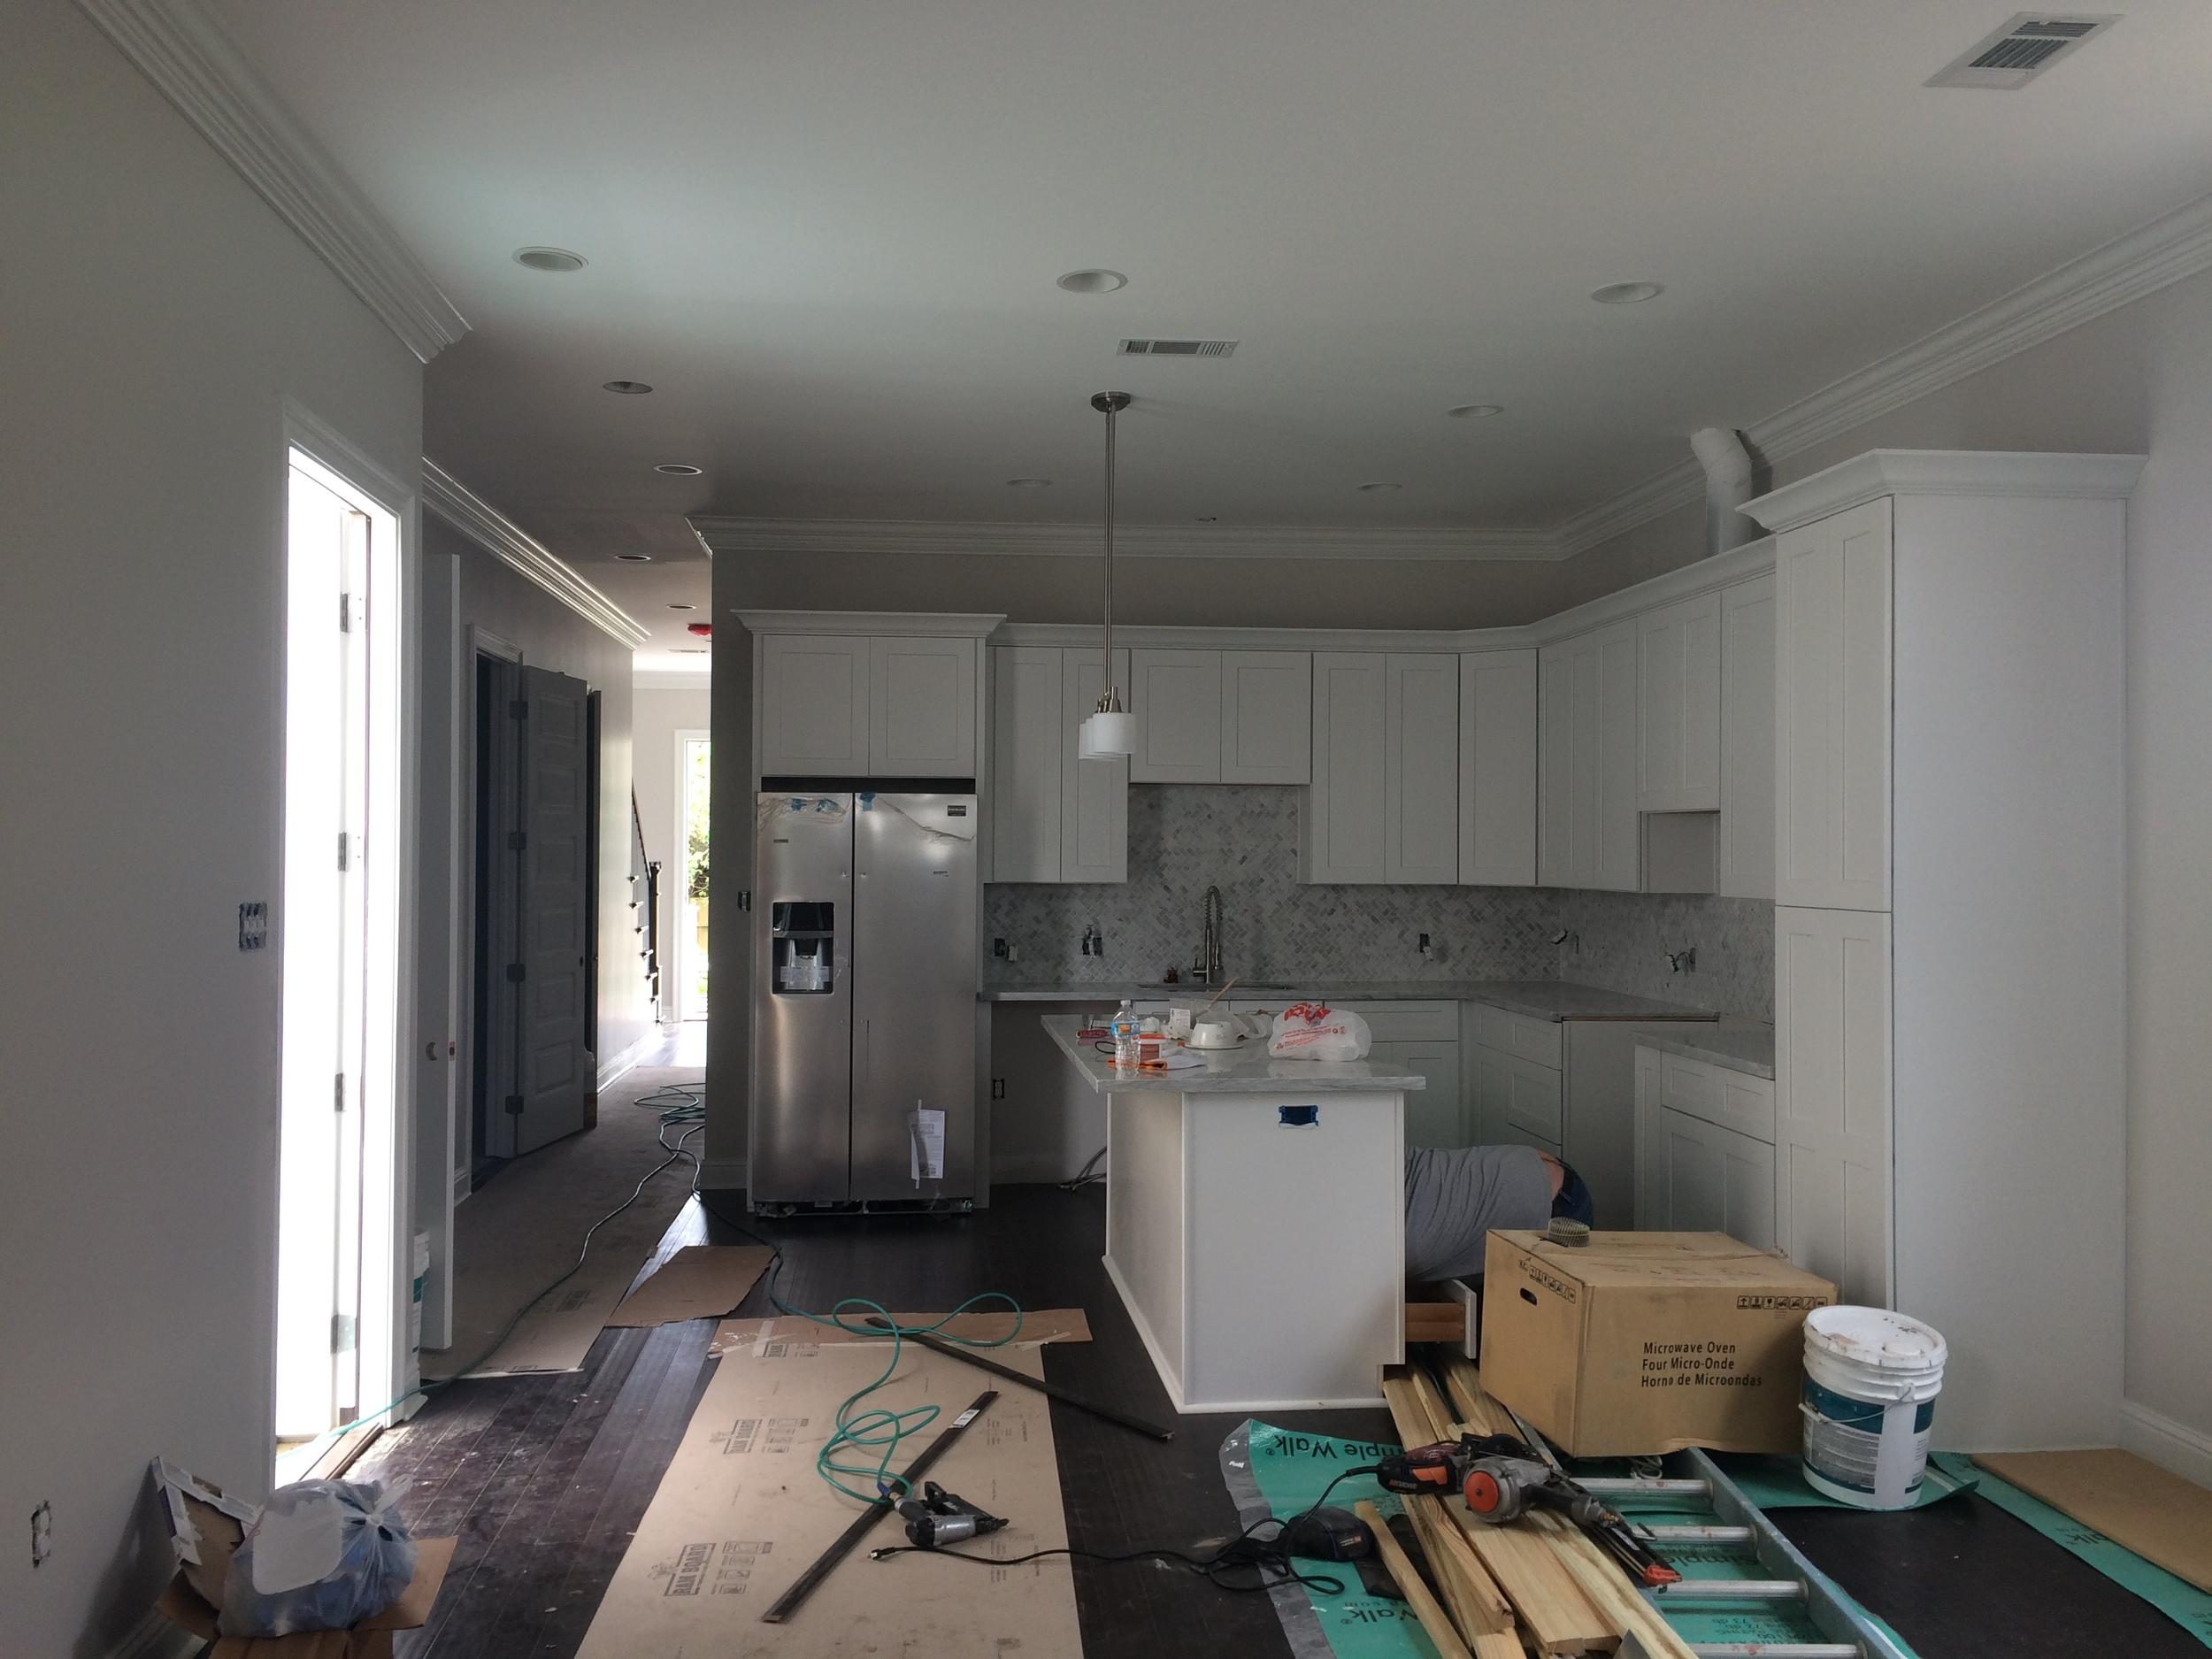 Conti - Kitchen in progress